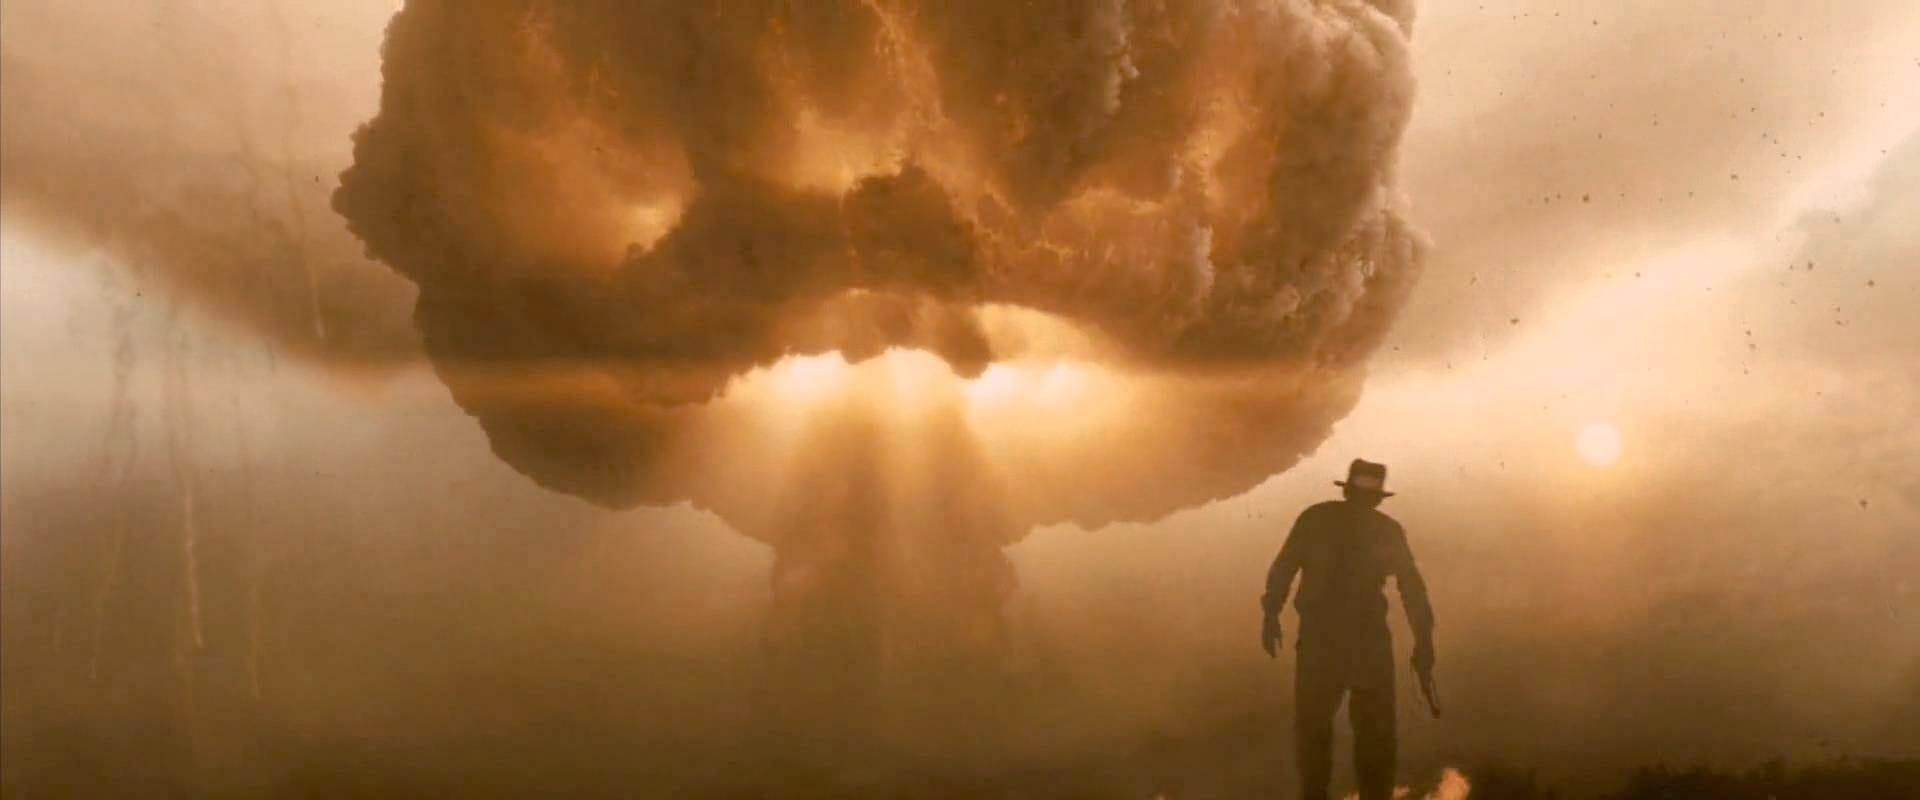 Ritorno al Futuro: il finale originale ha ispirato Indiana Jones 4